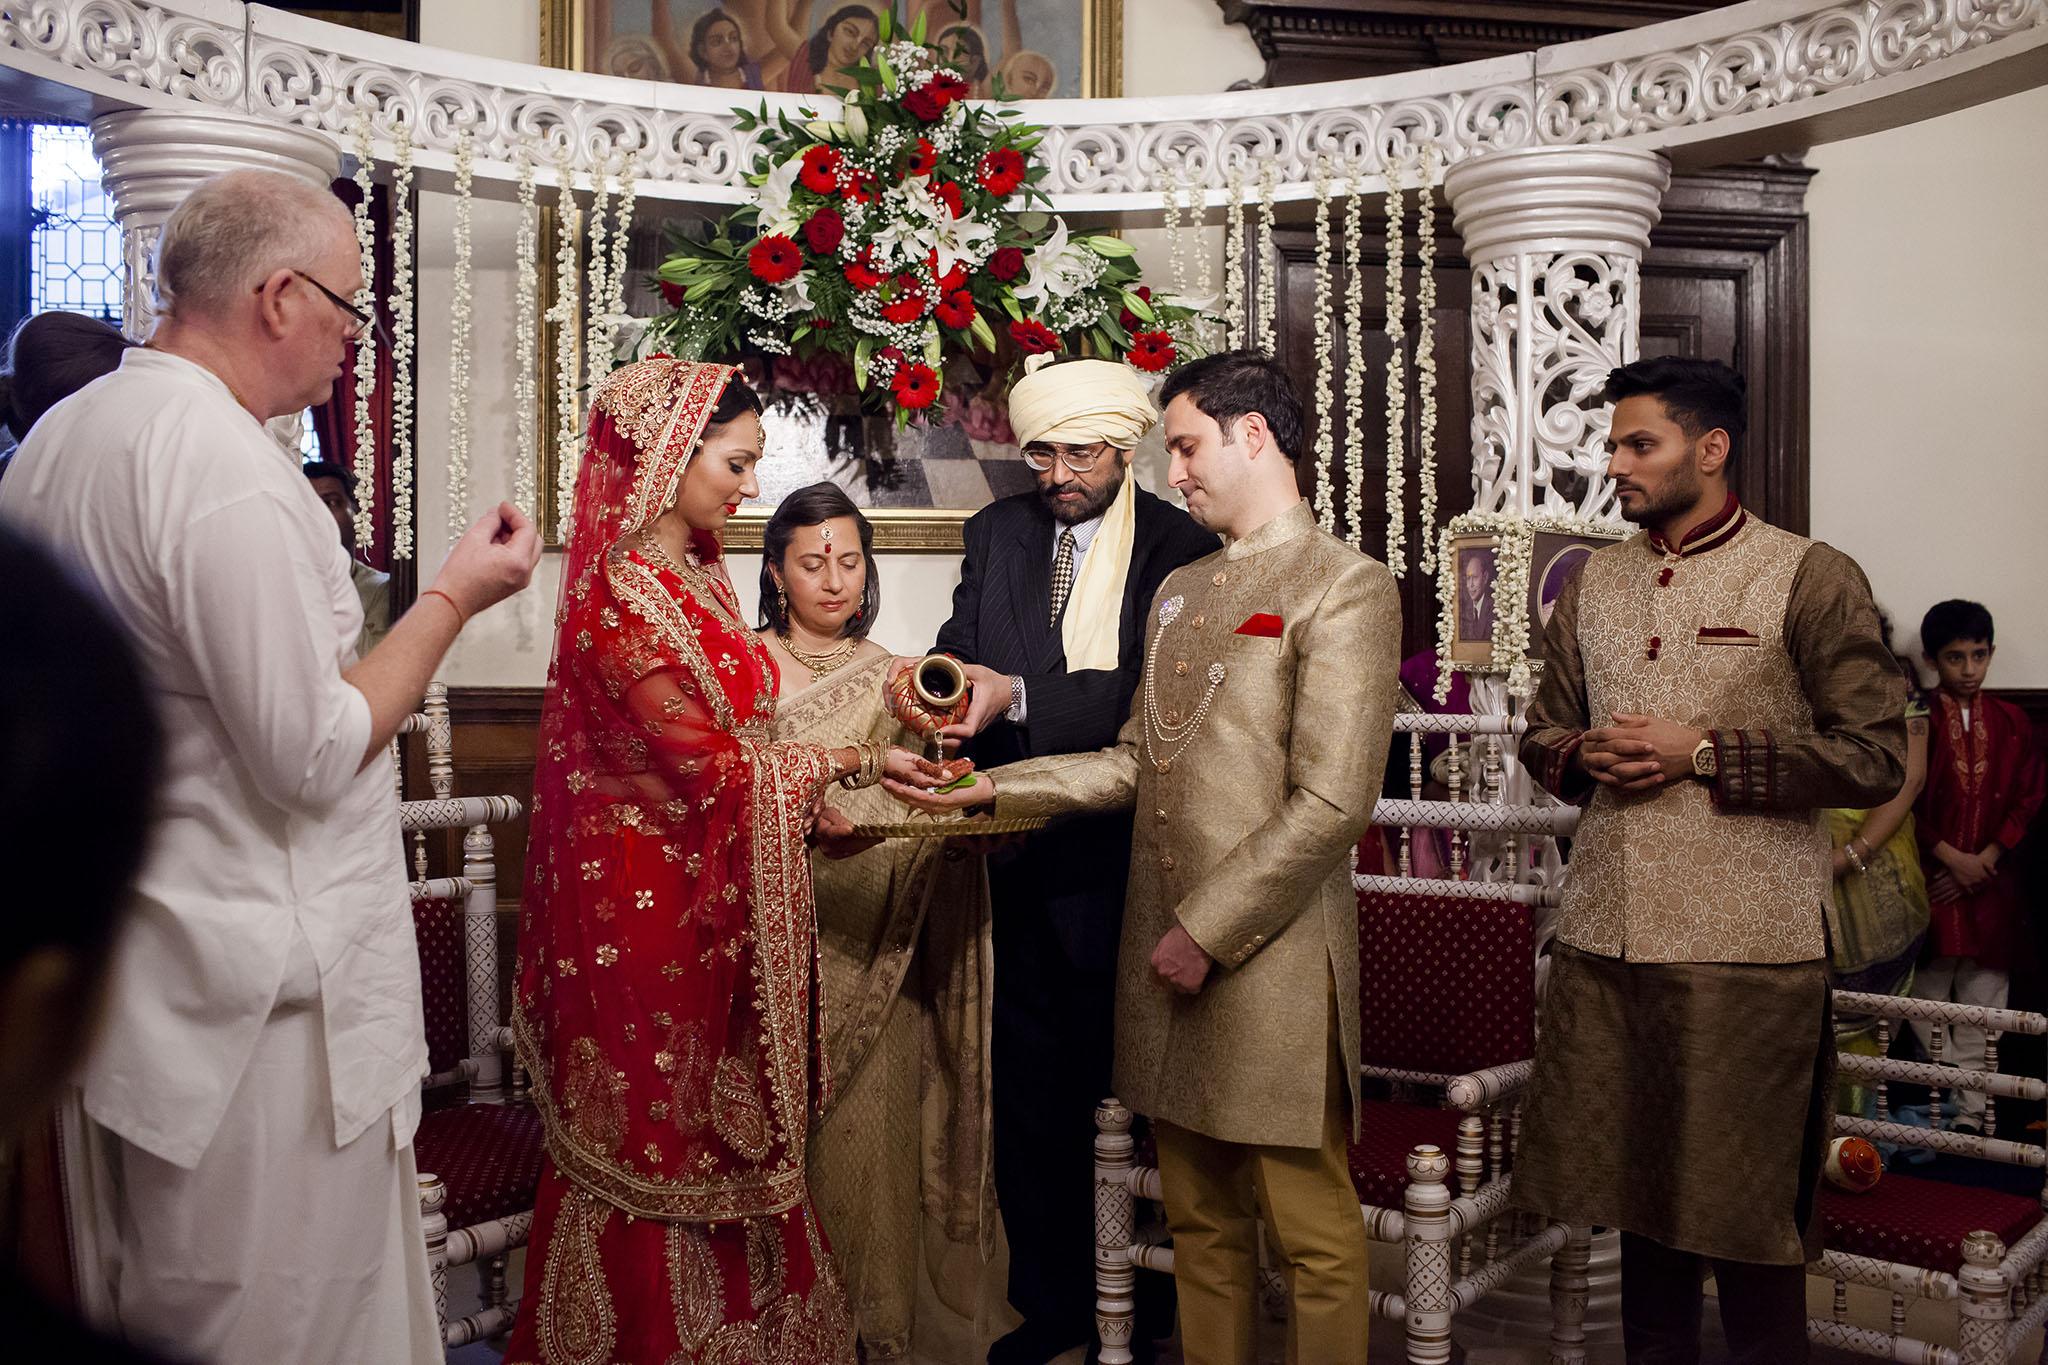 elizabethgphotography_kingslangley_hertfordshire_fineart_indian_wedding_photography_bhavesh_kundalata_bhaktivedanta_manor_watford_jpg25.jpg